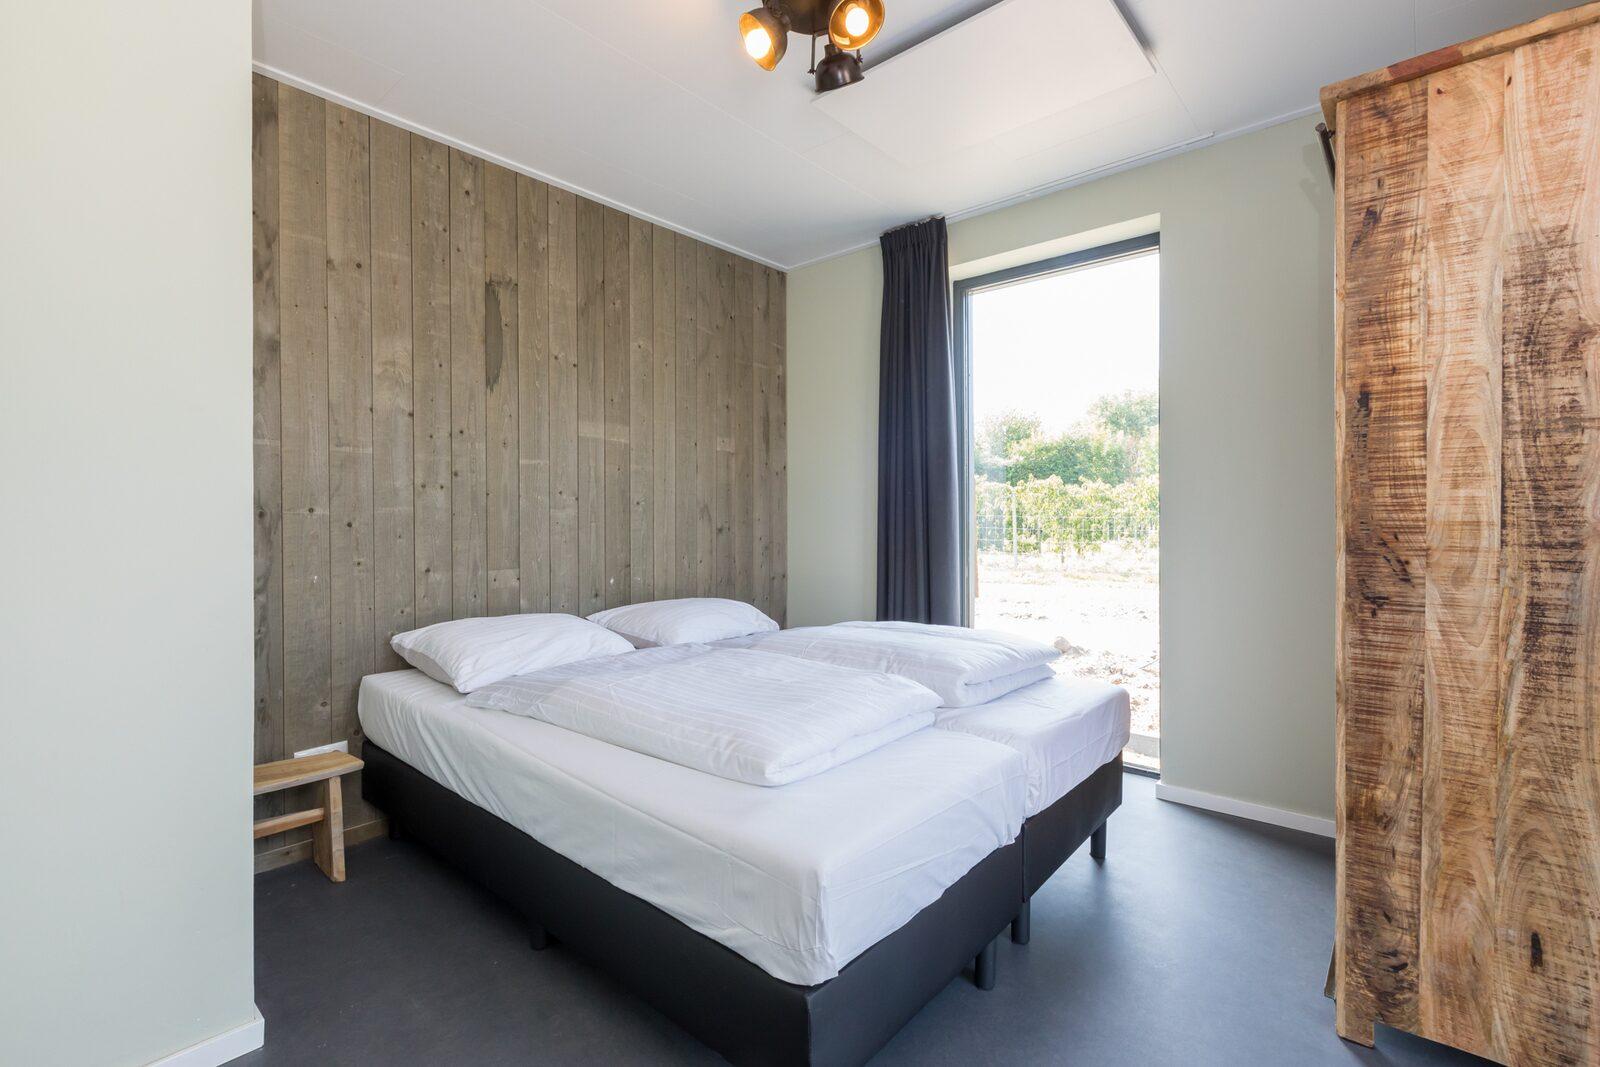 Ferienhaus - Vroondijk 2 | Vrouwenpolder 'Duinappel en Zonnebes'